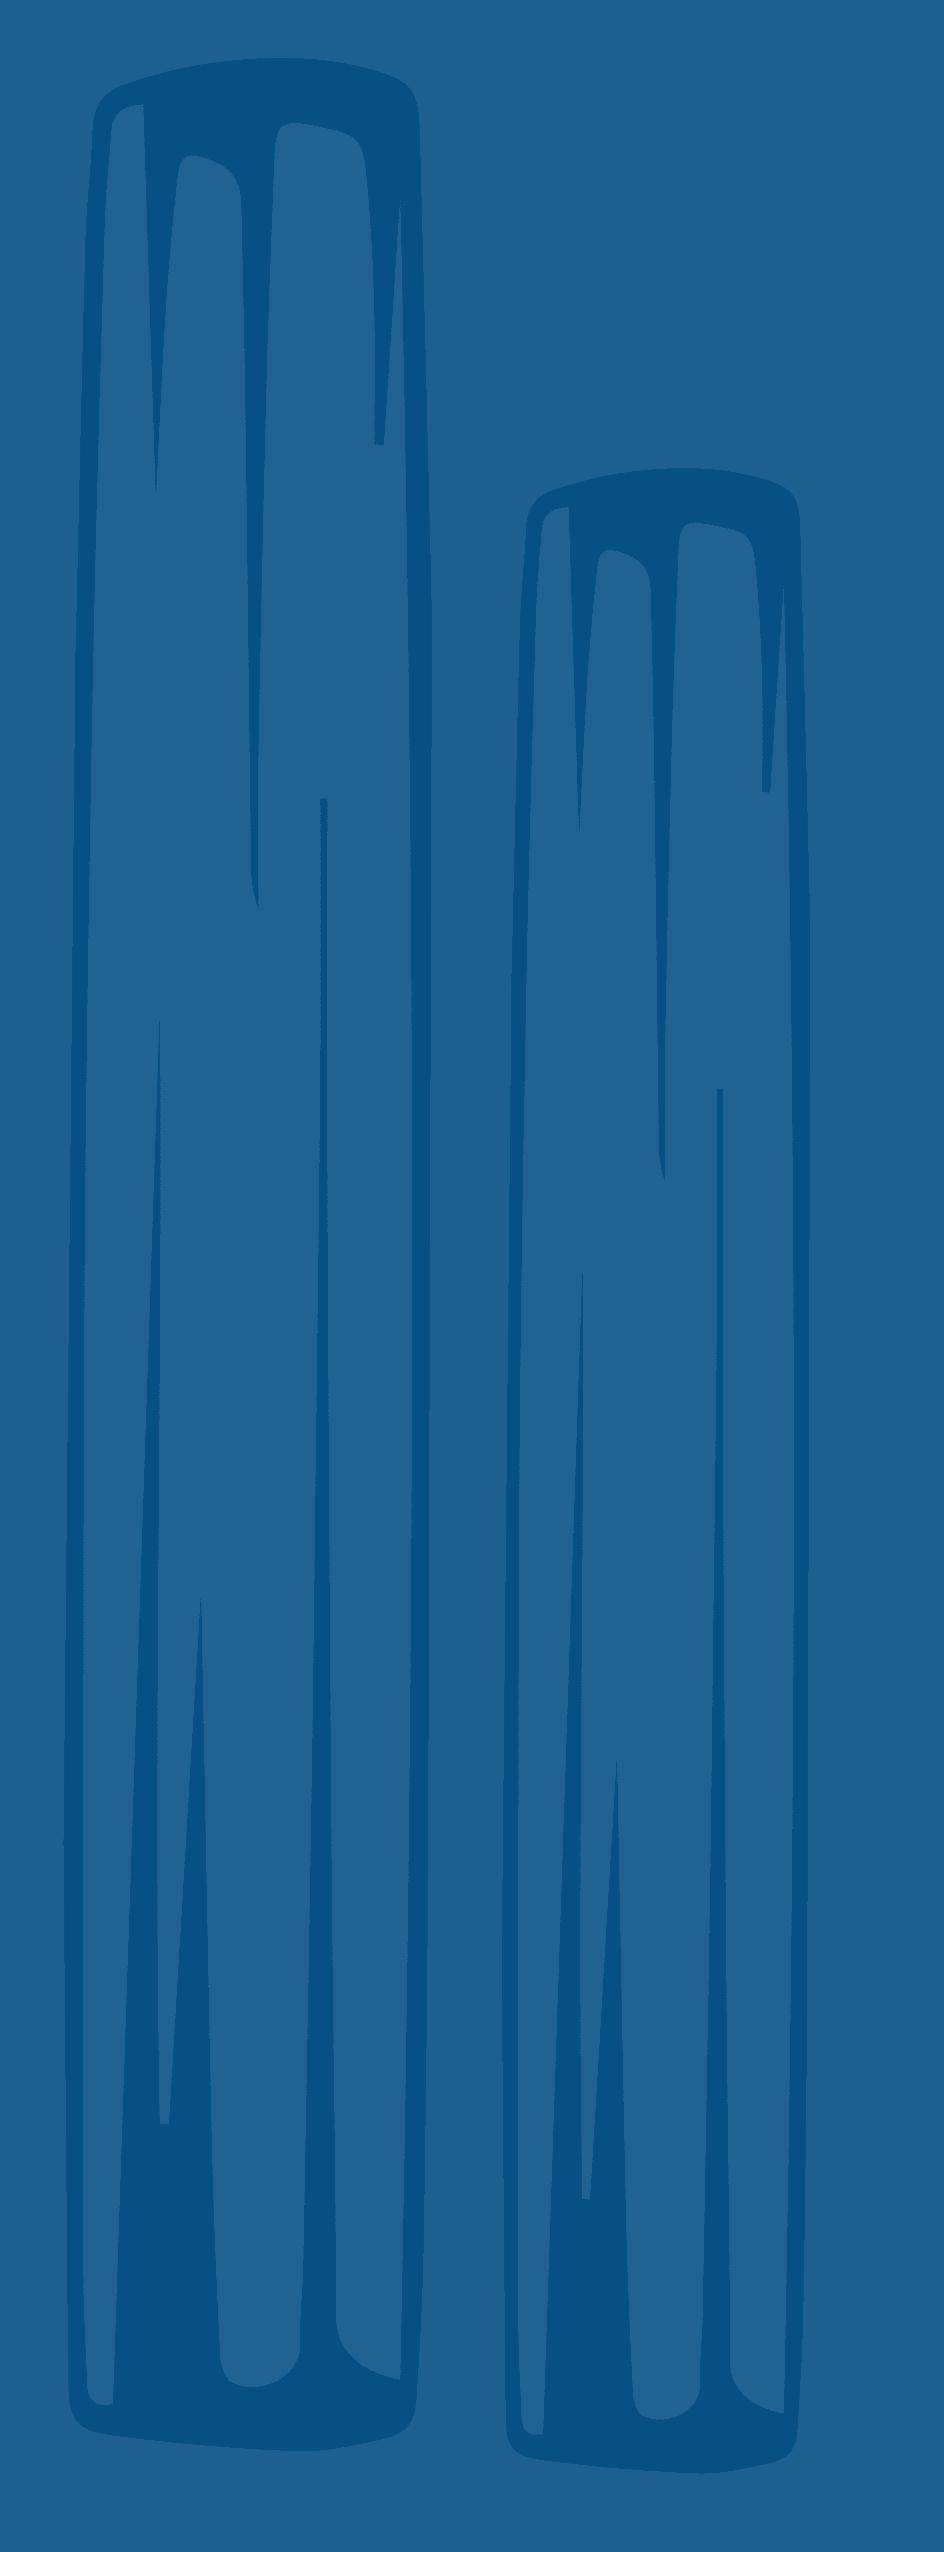 Icon ข้อดีรั้วตาข่ายฟิคซ์ล็อค ใช้ได้กับทุกเสา